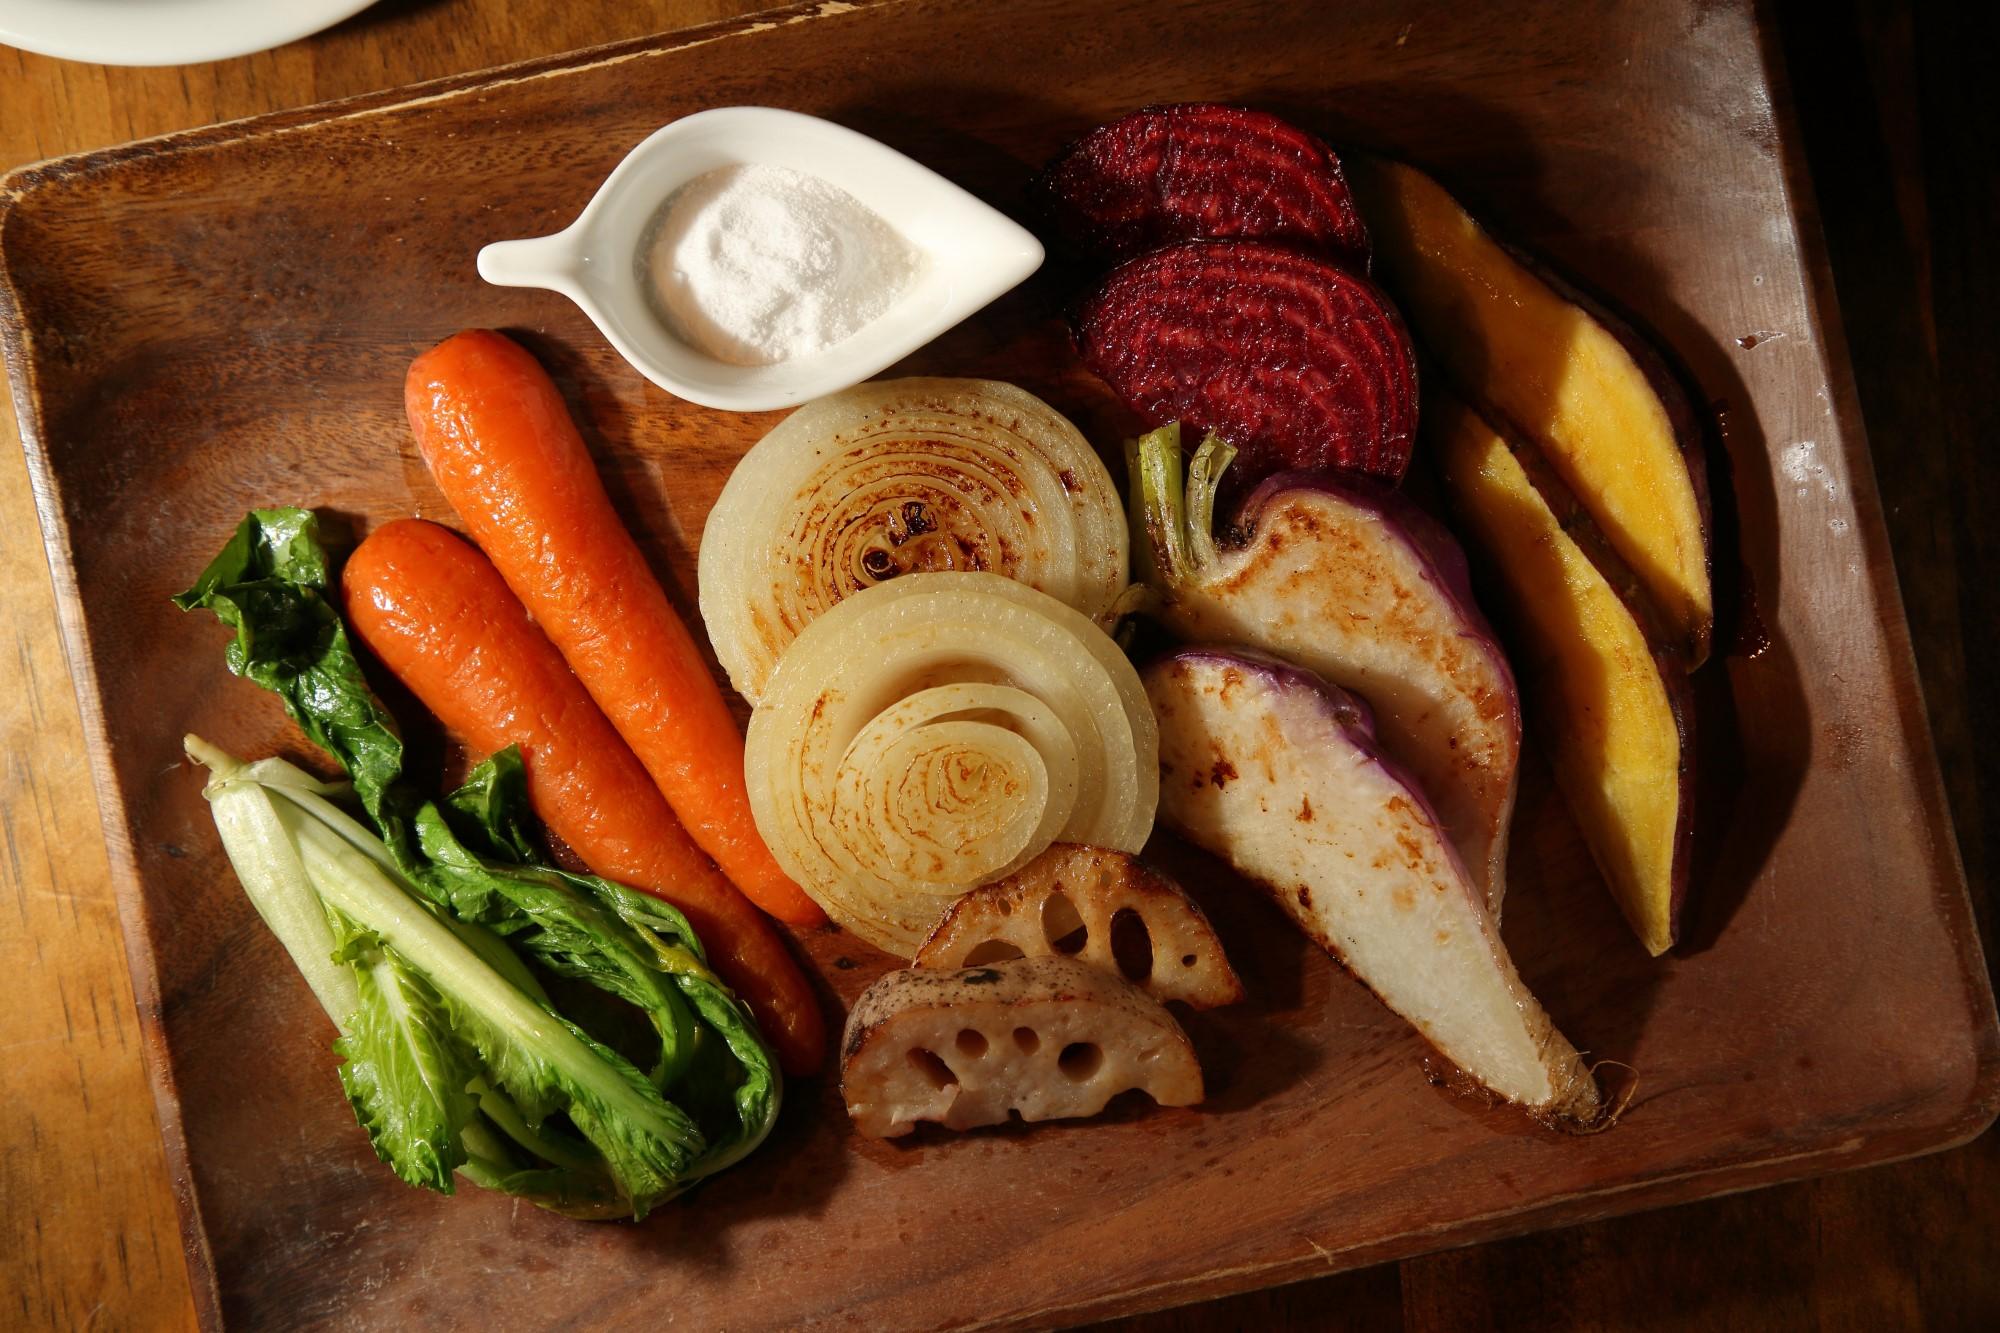 無農薬・自然農法にこだわった安心レストラン「元気になるカフェ サンズ」